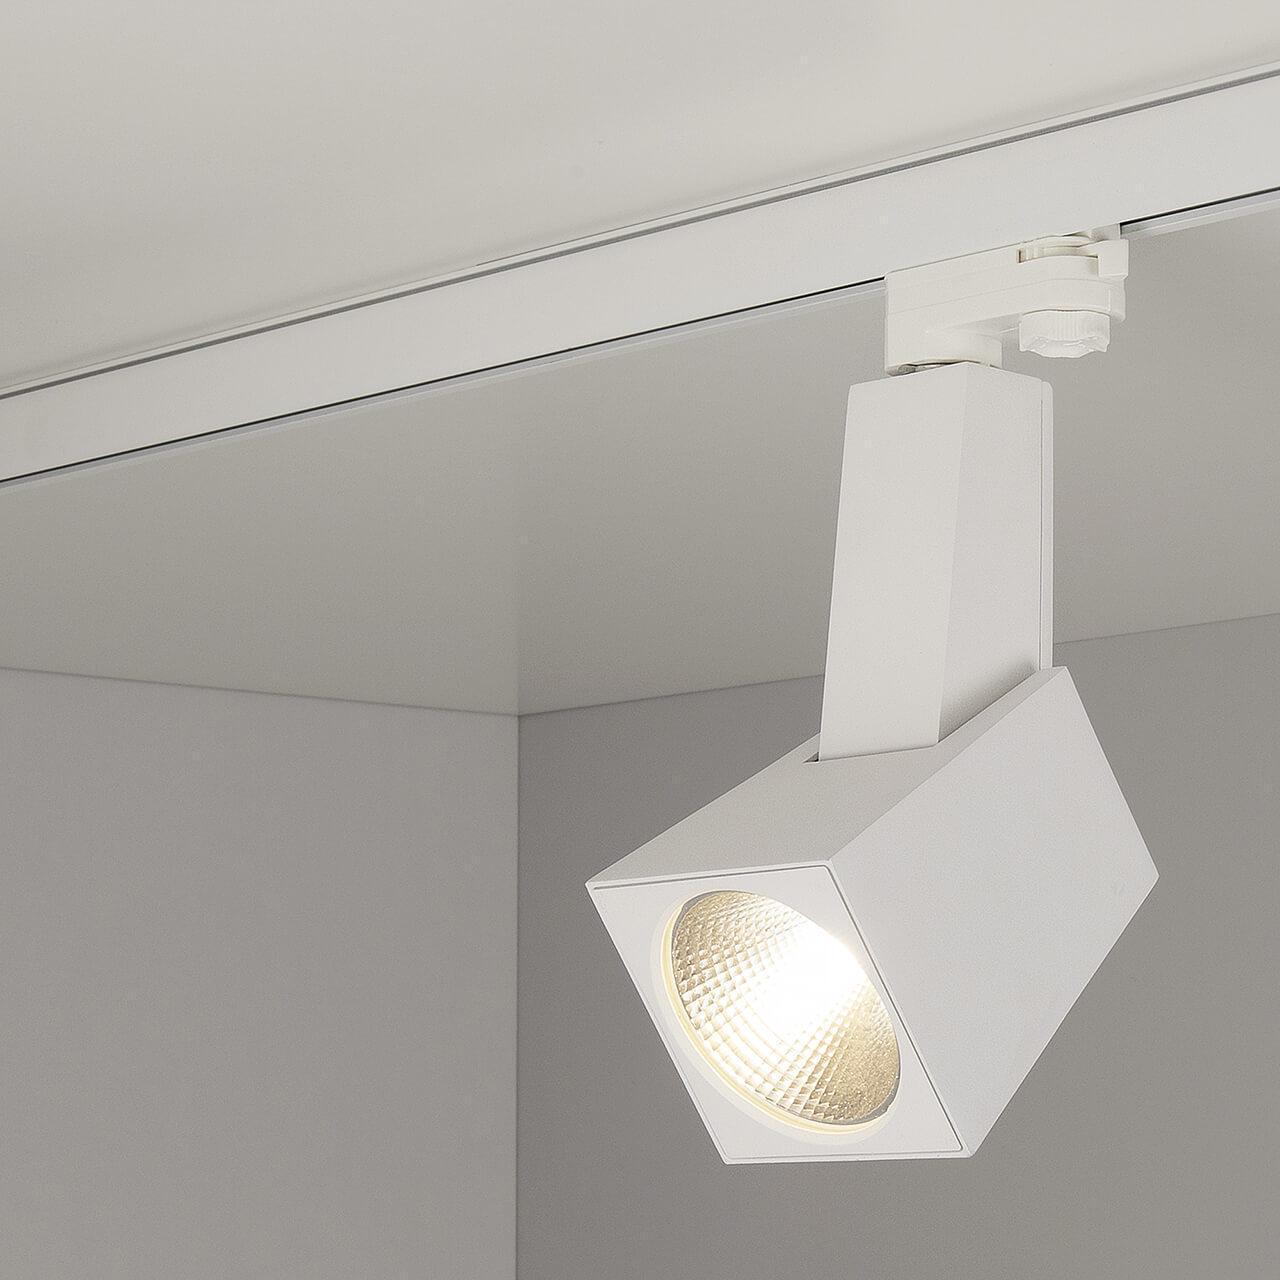 Трековый светодиодный светильник Elektrostandard Perfect белый 38W 3300K 4690389111426 трековый светодиодный светильник elektrostandard perfect черный 38w 4200k 4690389111471